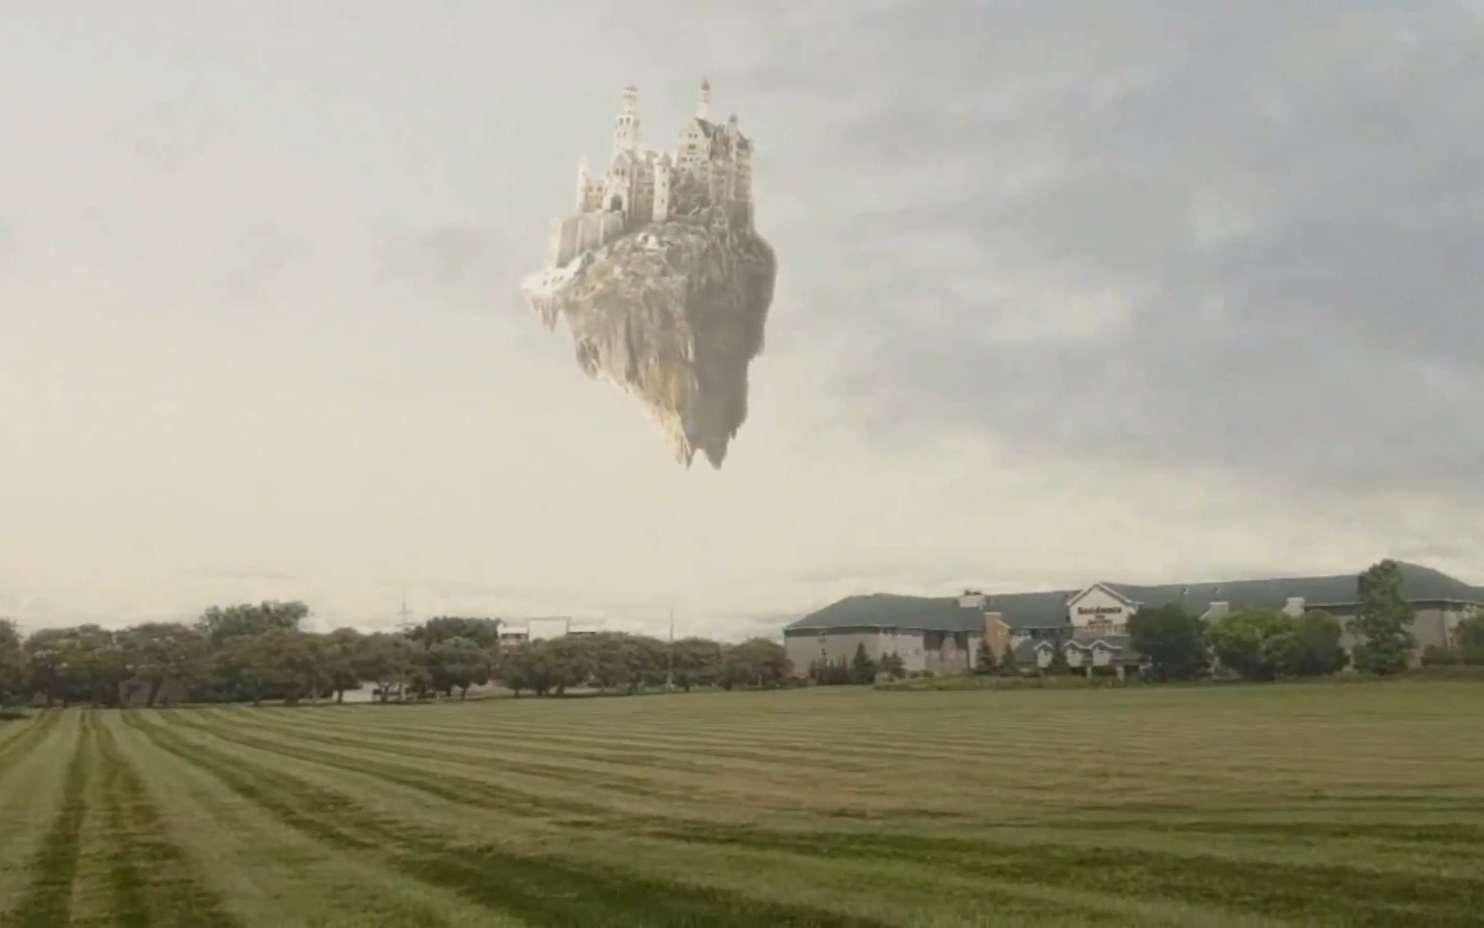 Castle in the Sky est une IA qui remplace automatiquement le ciel dans les vidéos pour ajouter un château volant ou un vaisseau spatial, ou changer la météo. © Zhengxia Zou